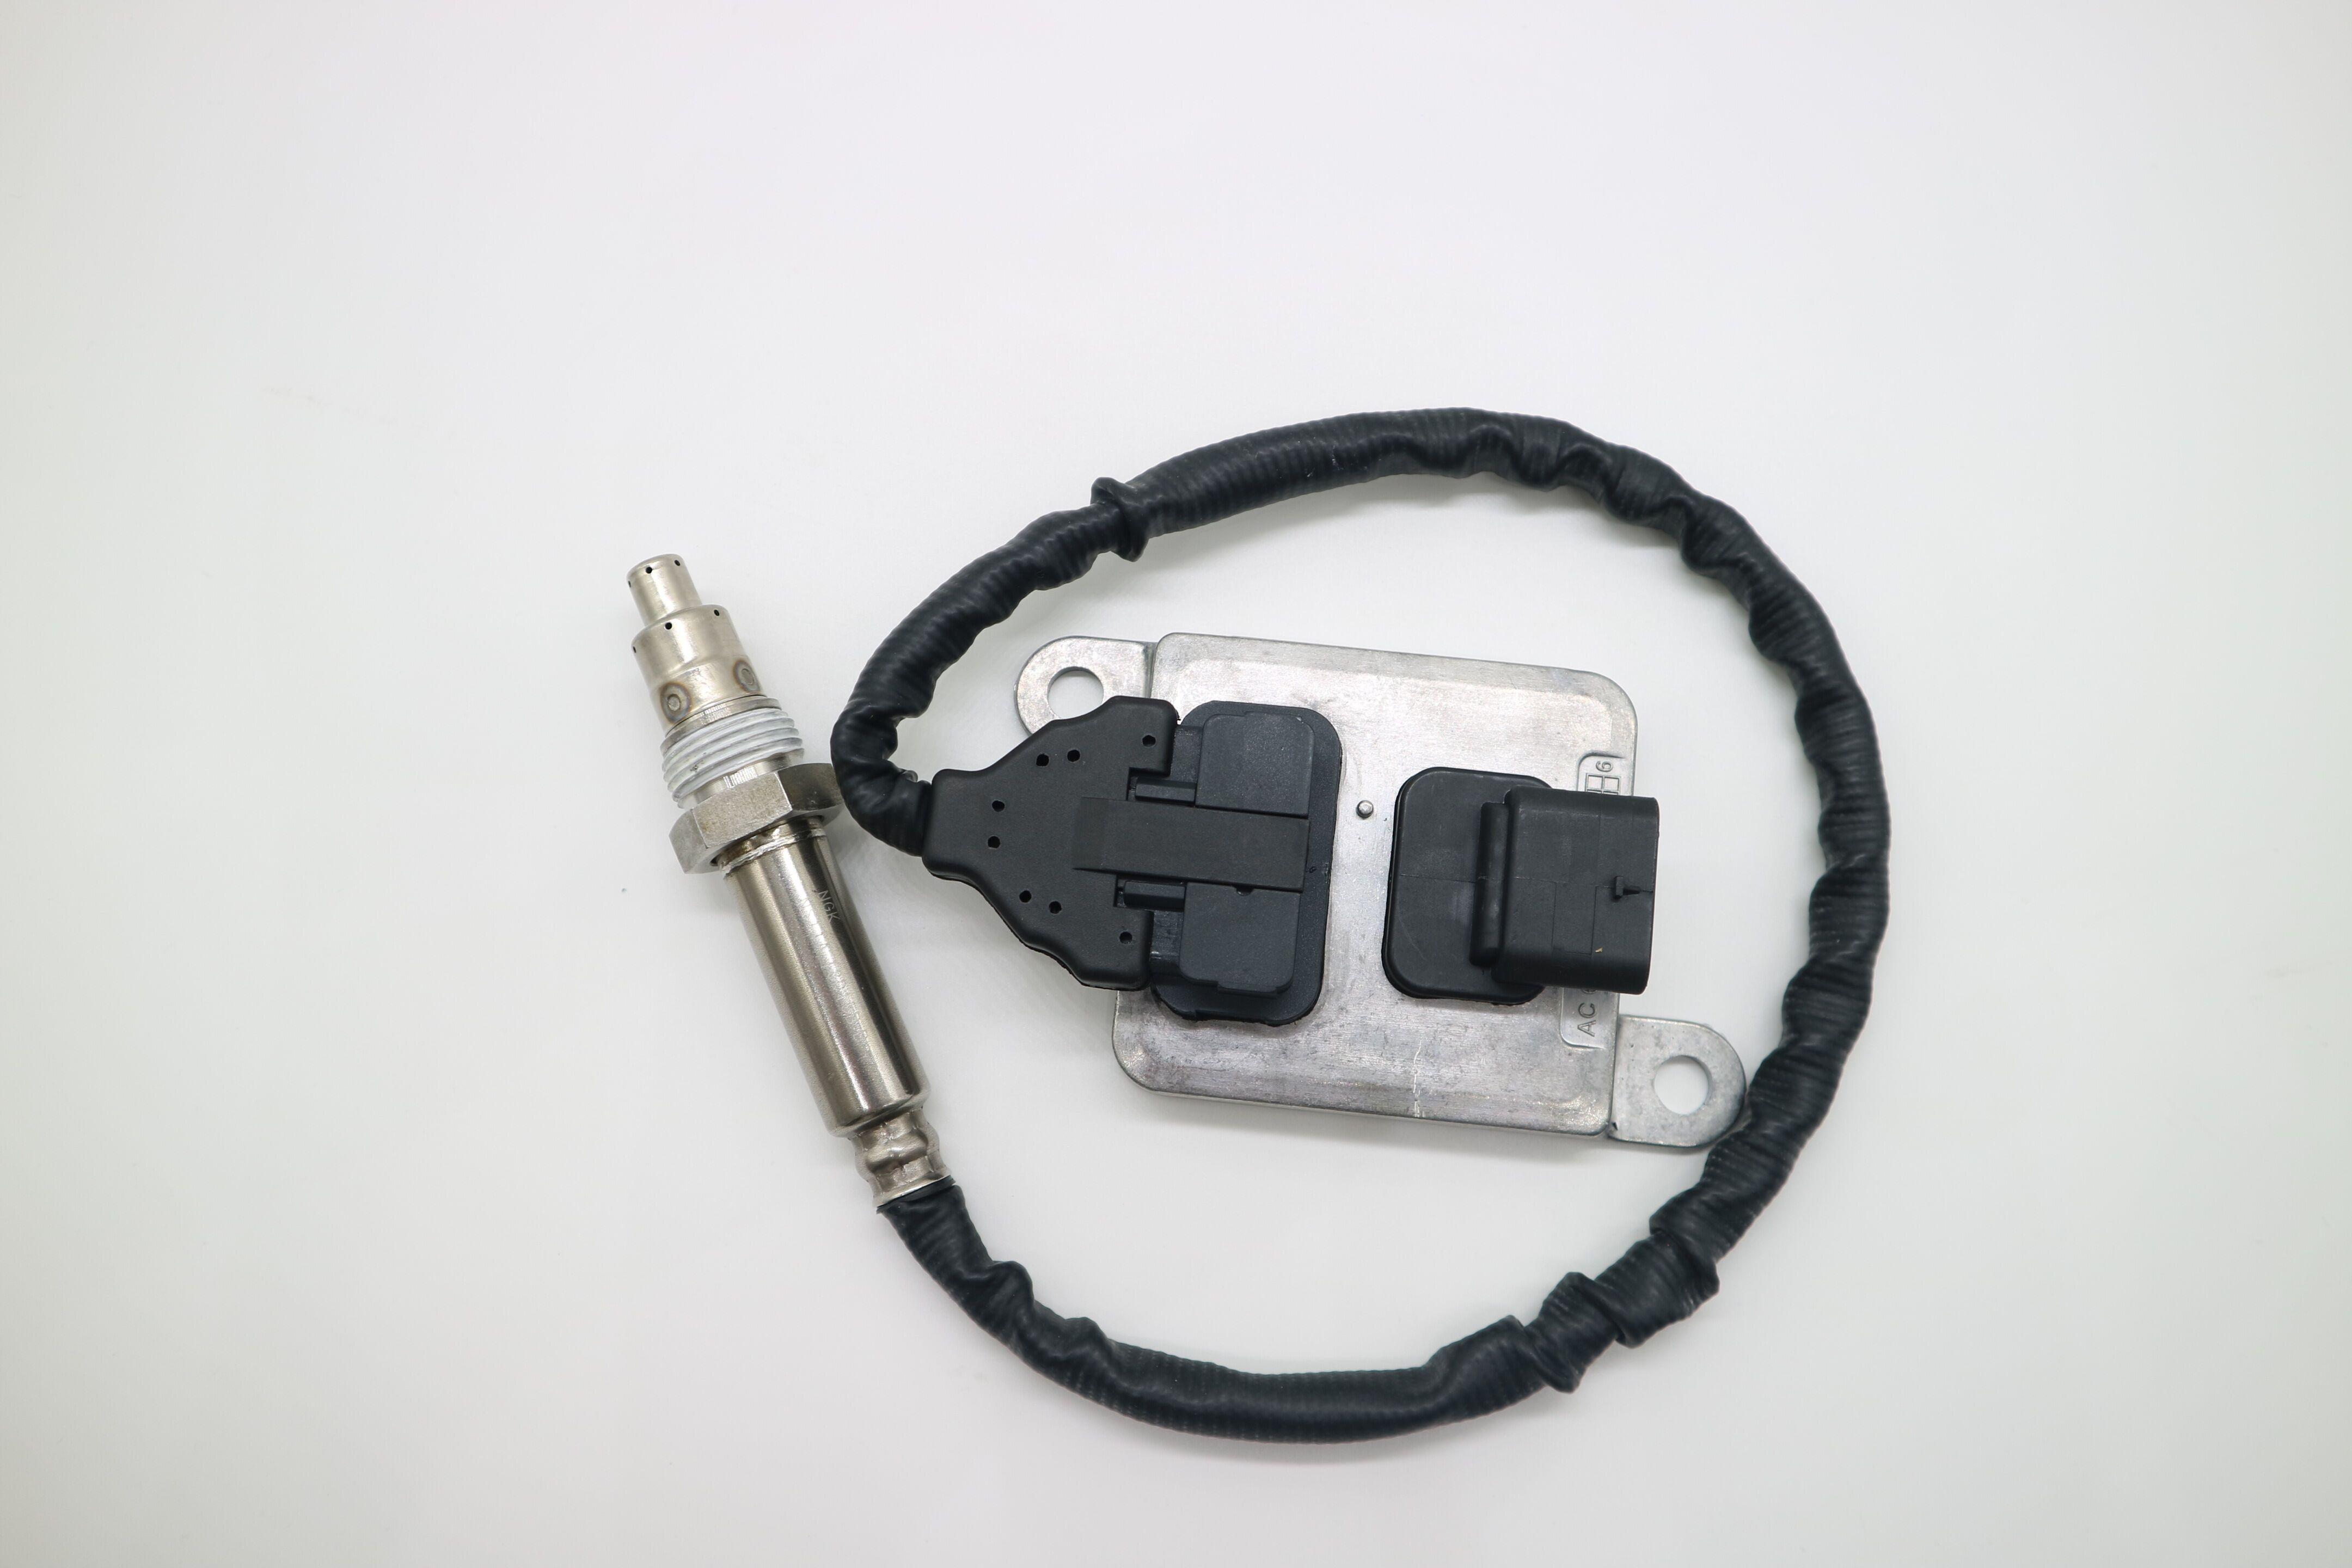 4g0907807j 5wk97212 original new nox sensor manufactured for audi a6 avant a7 sportback 3.0 tdi quattro cvua cvub 2014-1813